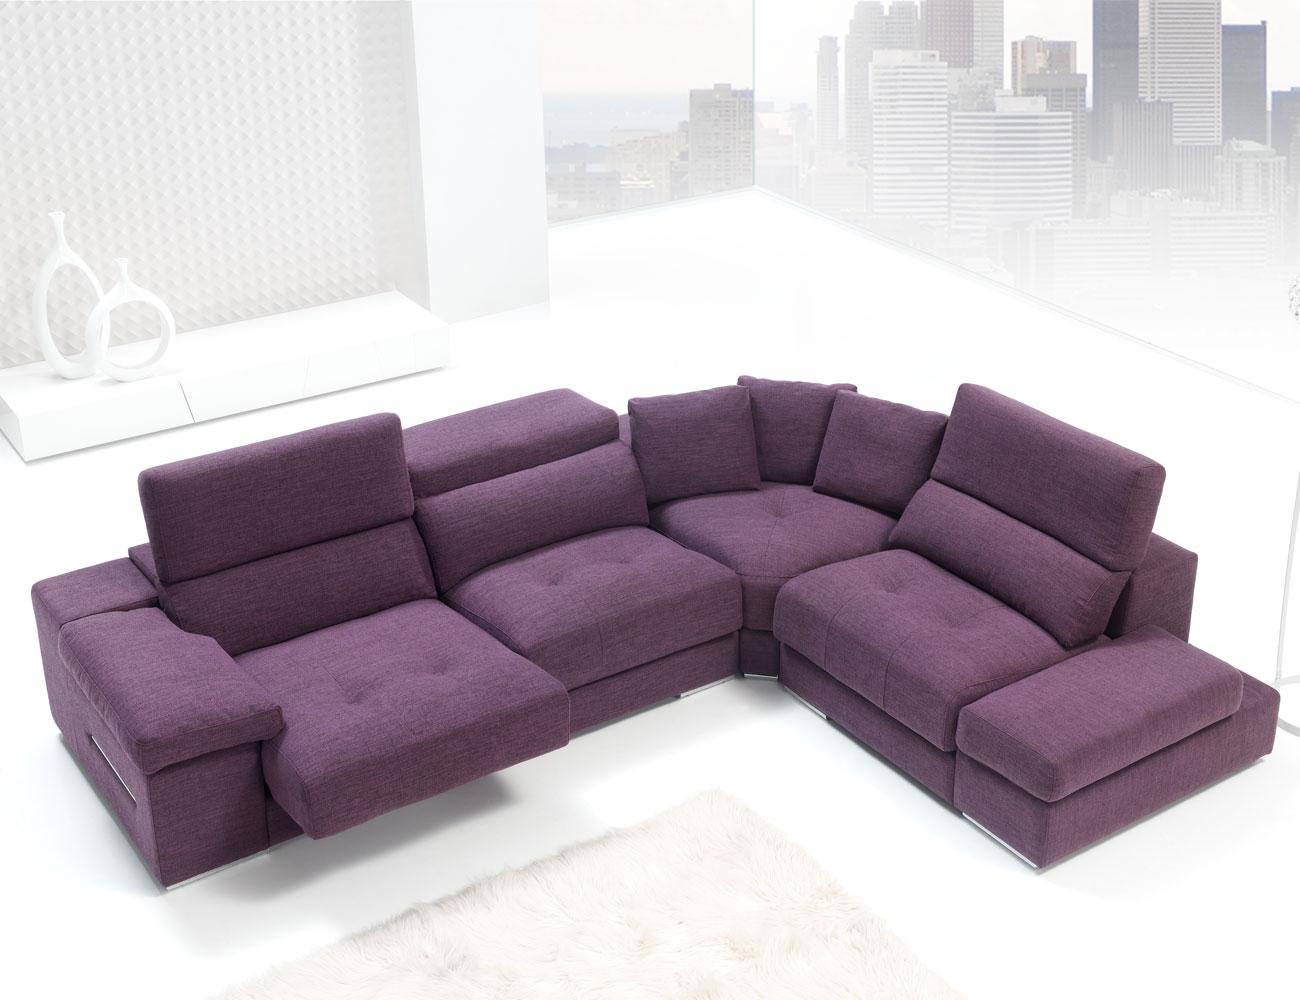 Sofa chaiselongue rincon con brazo mecanico tejido anti manchas 2